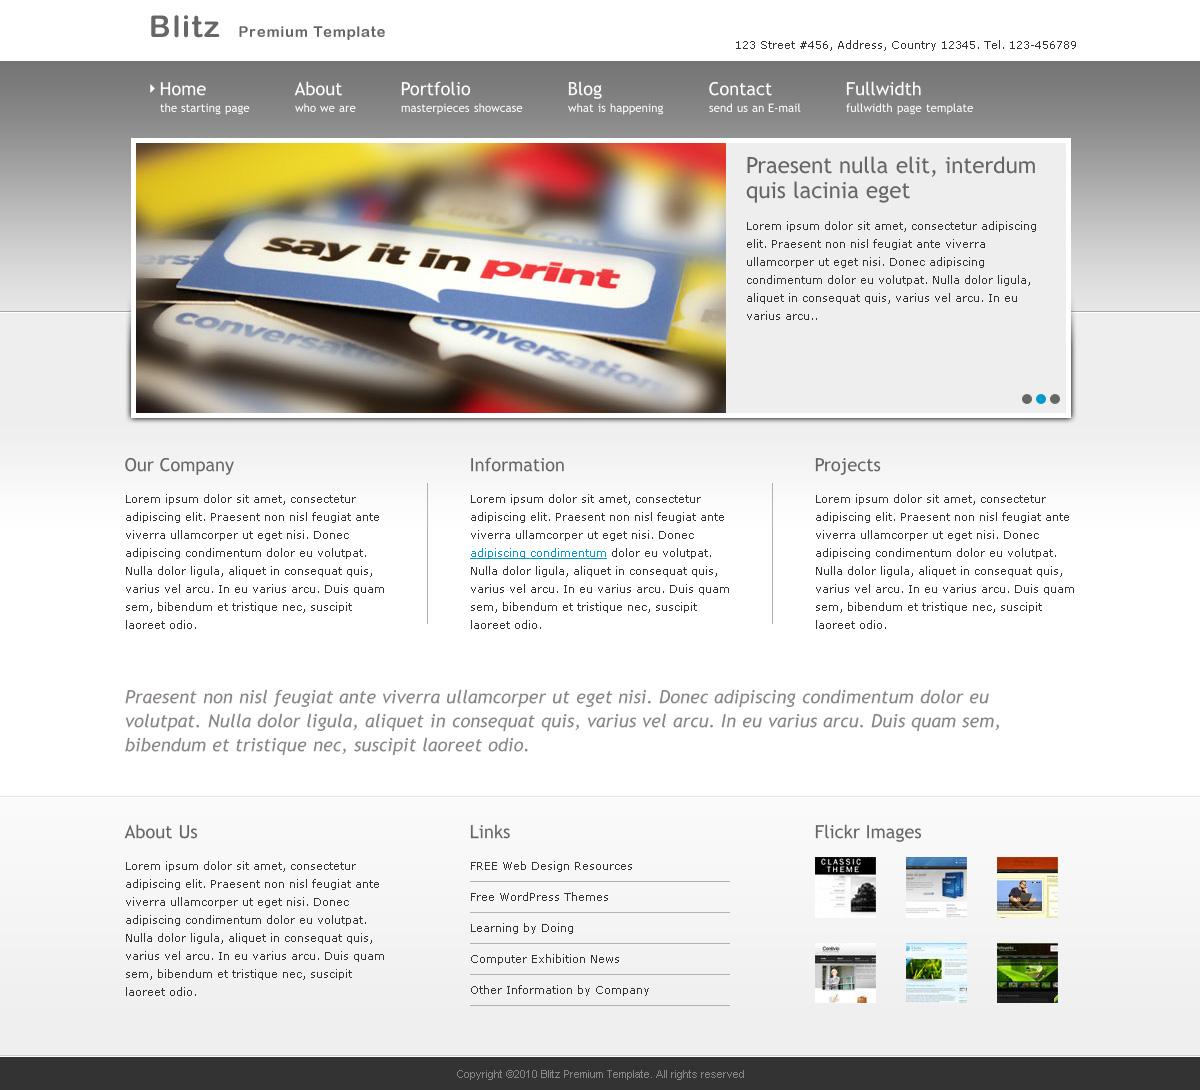 Blitz - Premium Business Template - Clean Design